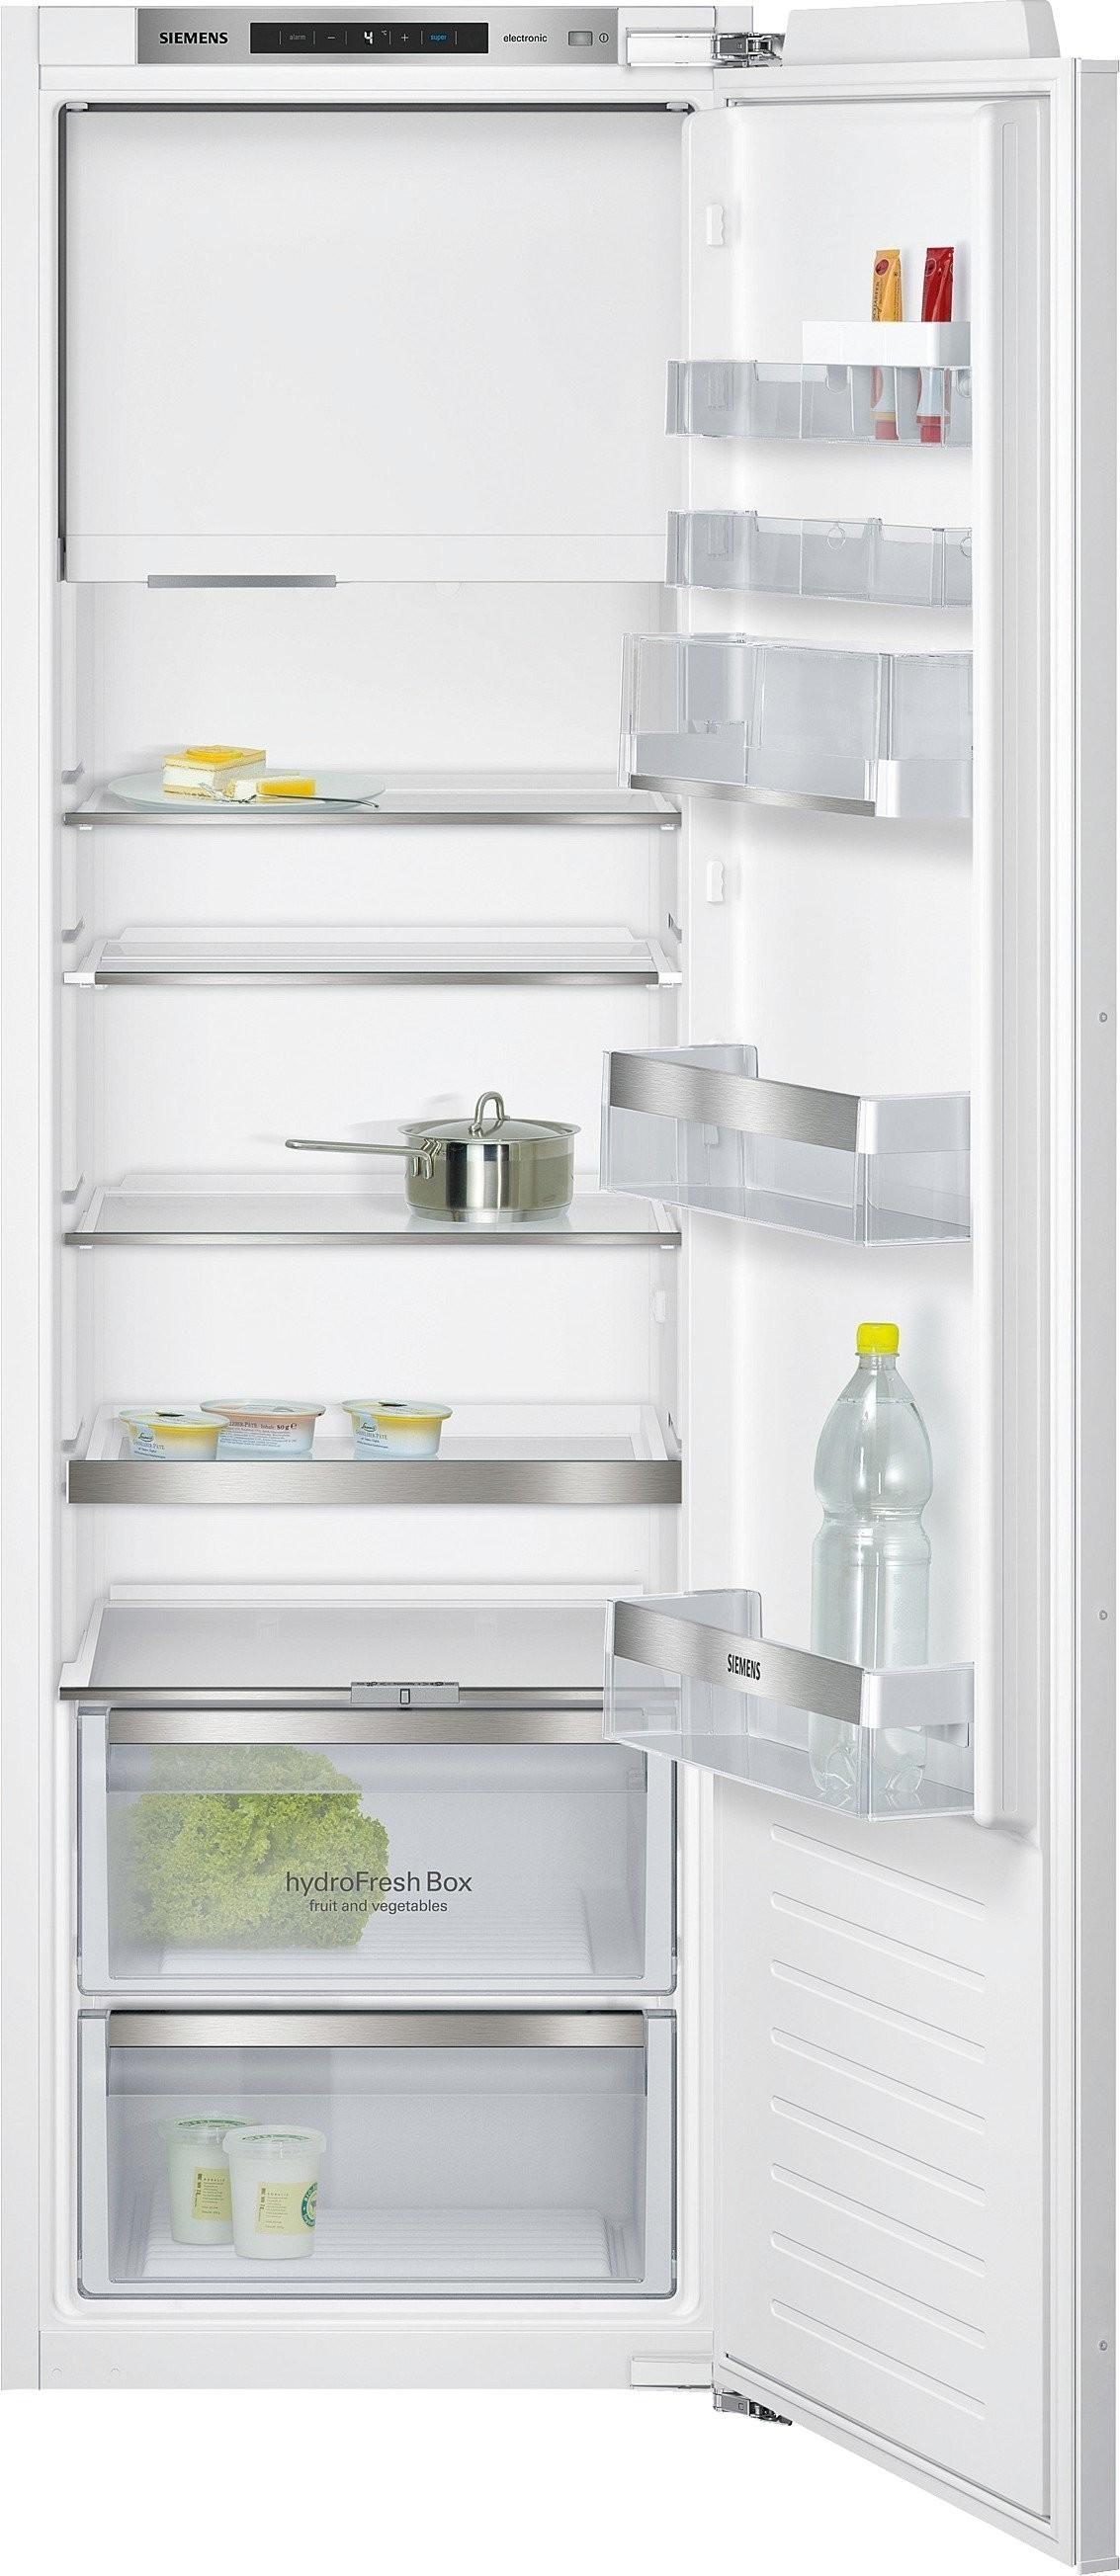 Siemens KI82LAD30 inbouw koelkast